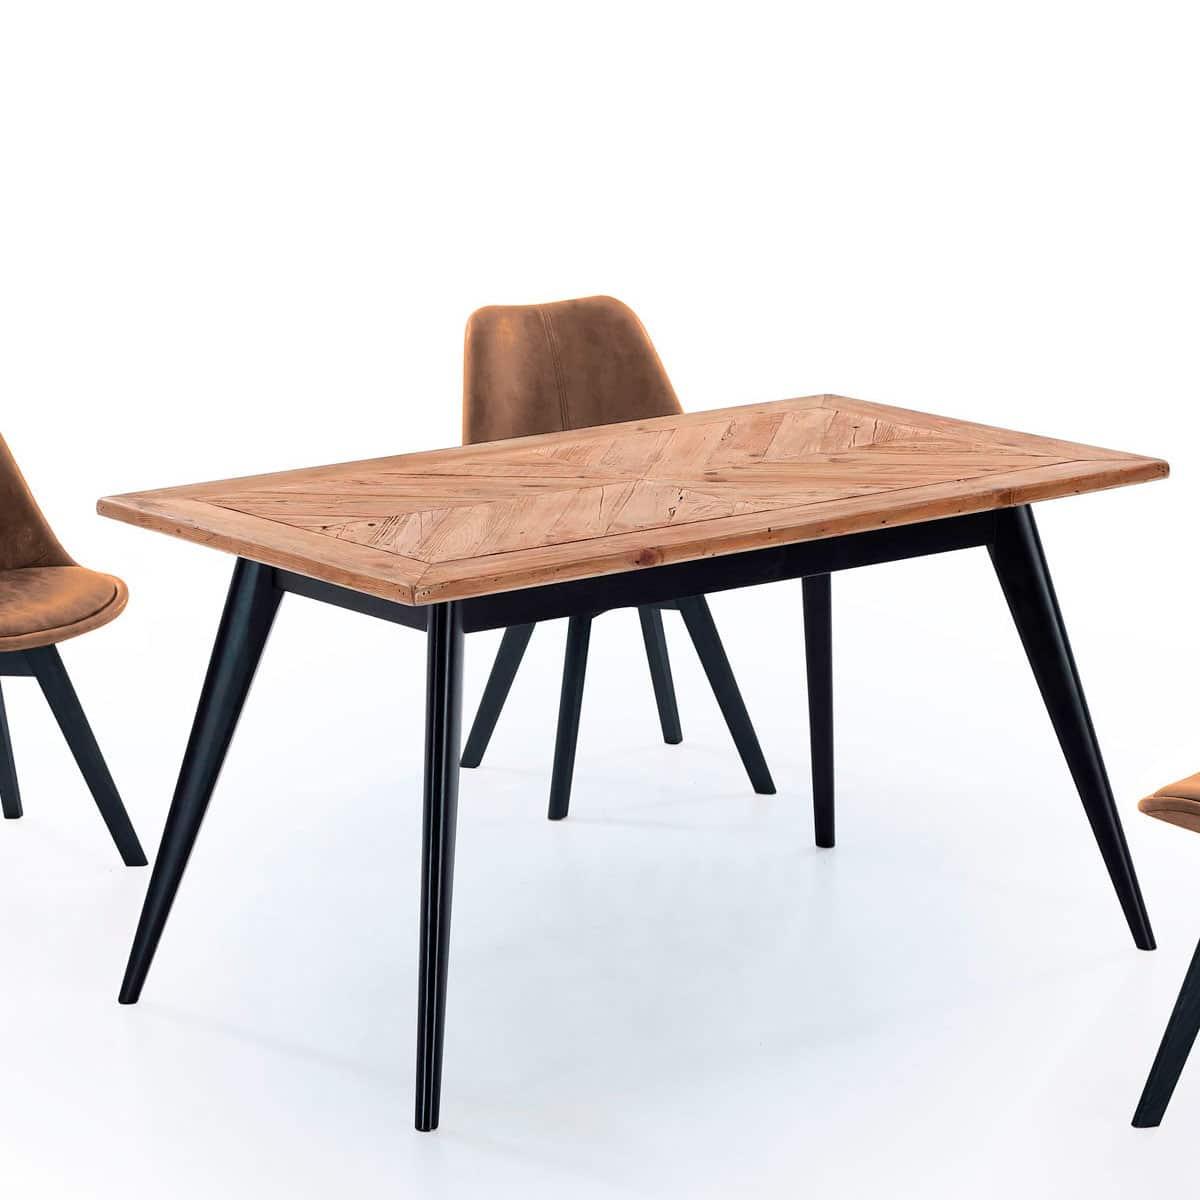 Mesa comedor pino reciclado - Artikalia - Muebles de diseño